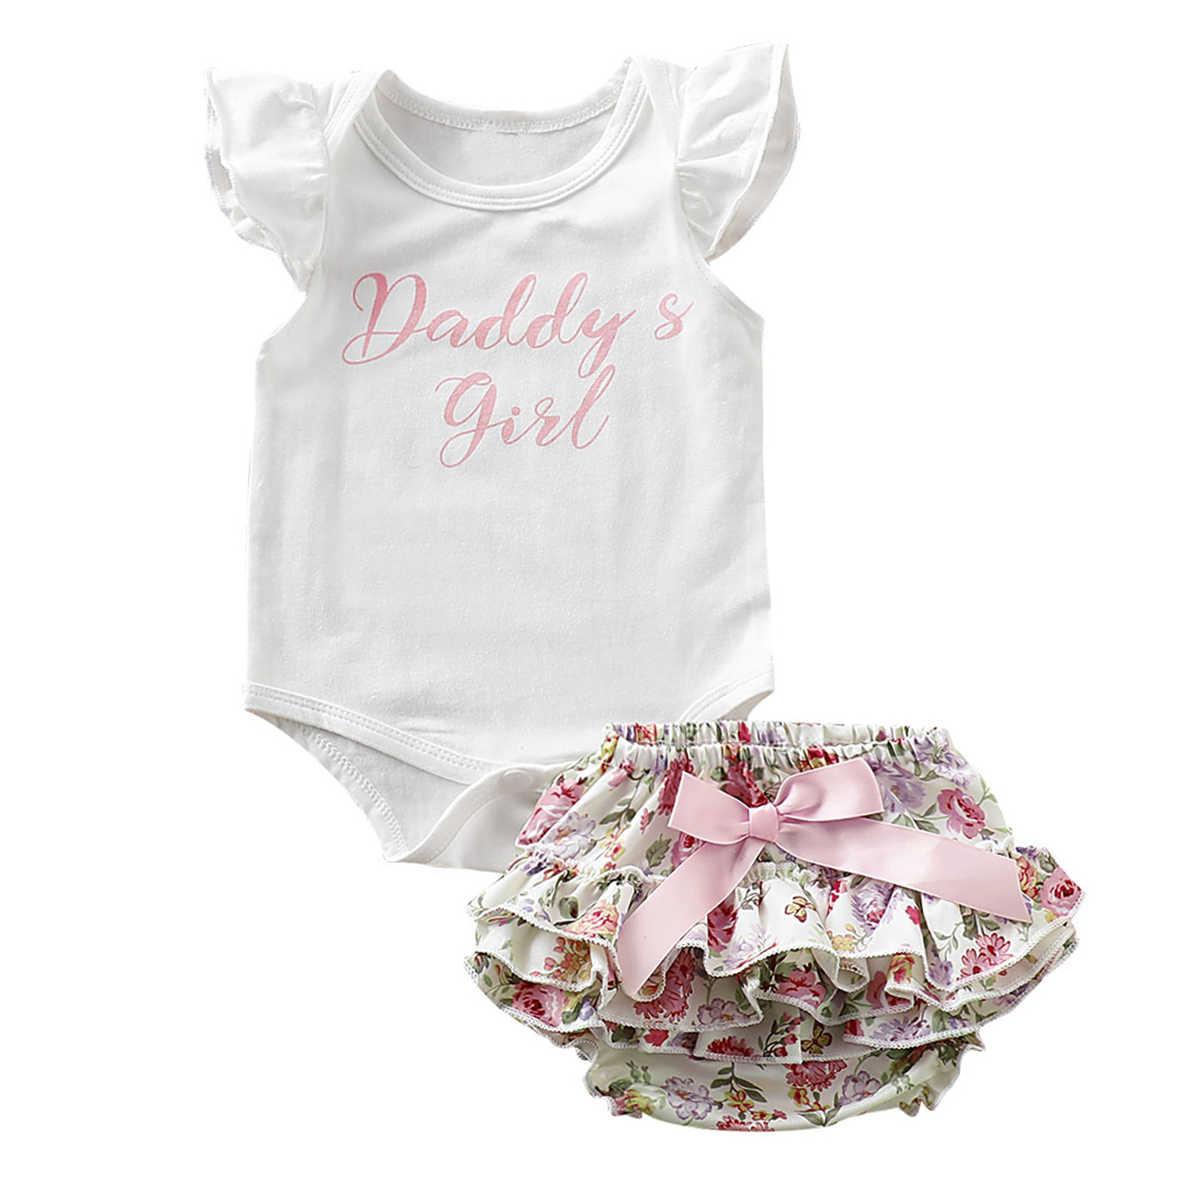 2 adet/takım Sevimli Yenidoğan Bebek Kız Giysileri 2019 Değer Bekleme Bebek Bodysuit Romper + Ruffles Tutu Etek Şort Kıyafetler